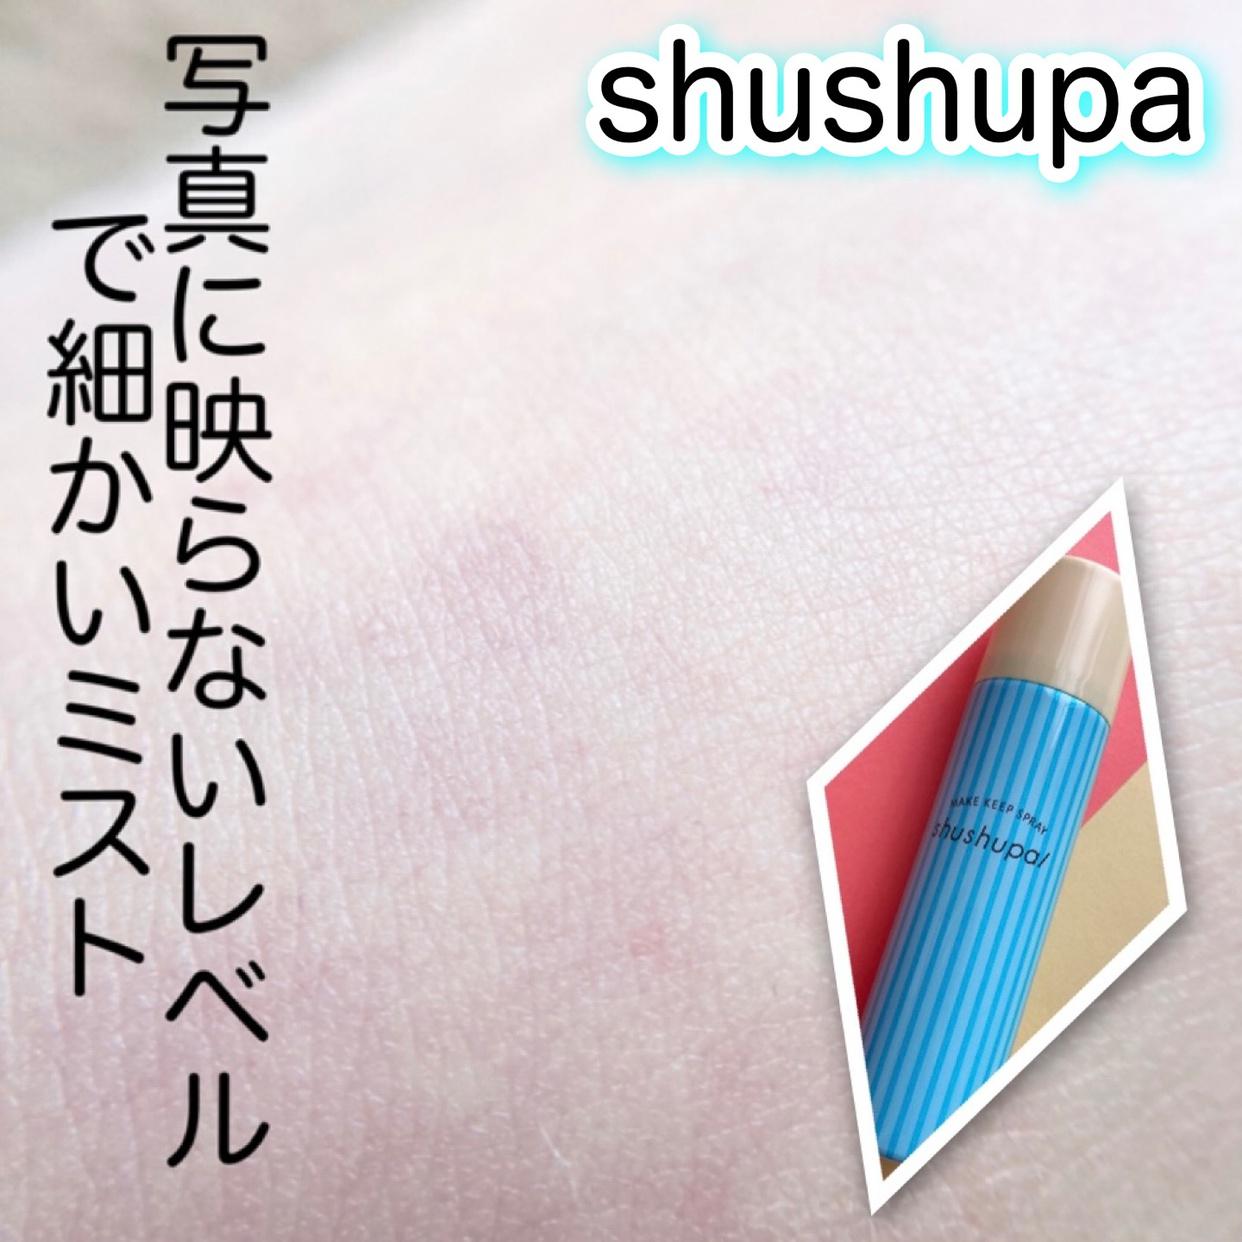 shushupa!(シュシュパ) メイクキープスプレー ノーマルタイプを使ったyunaさんのクチコミ画像2